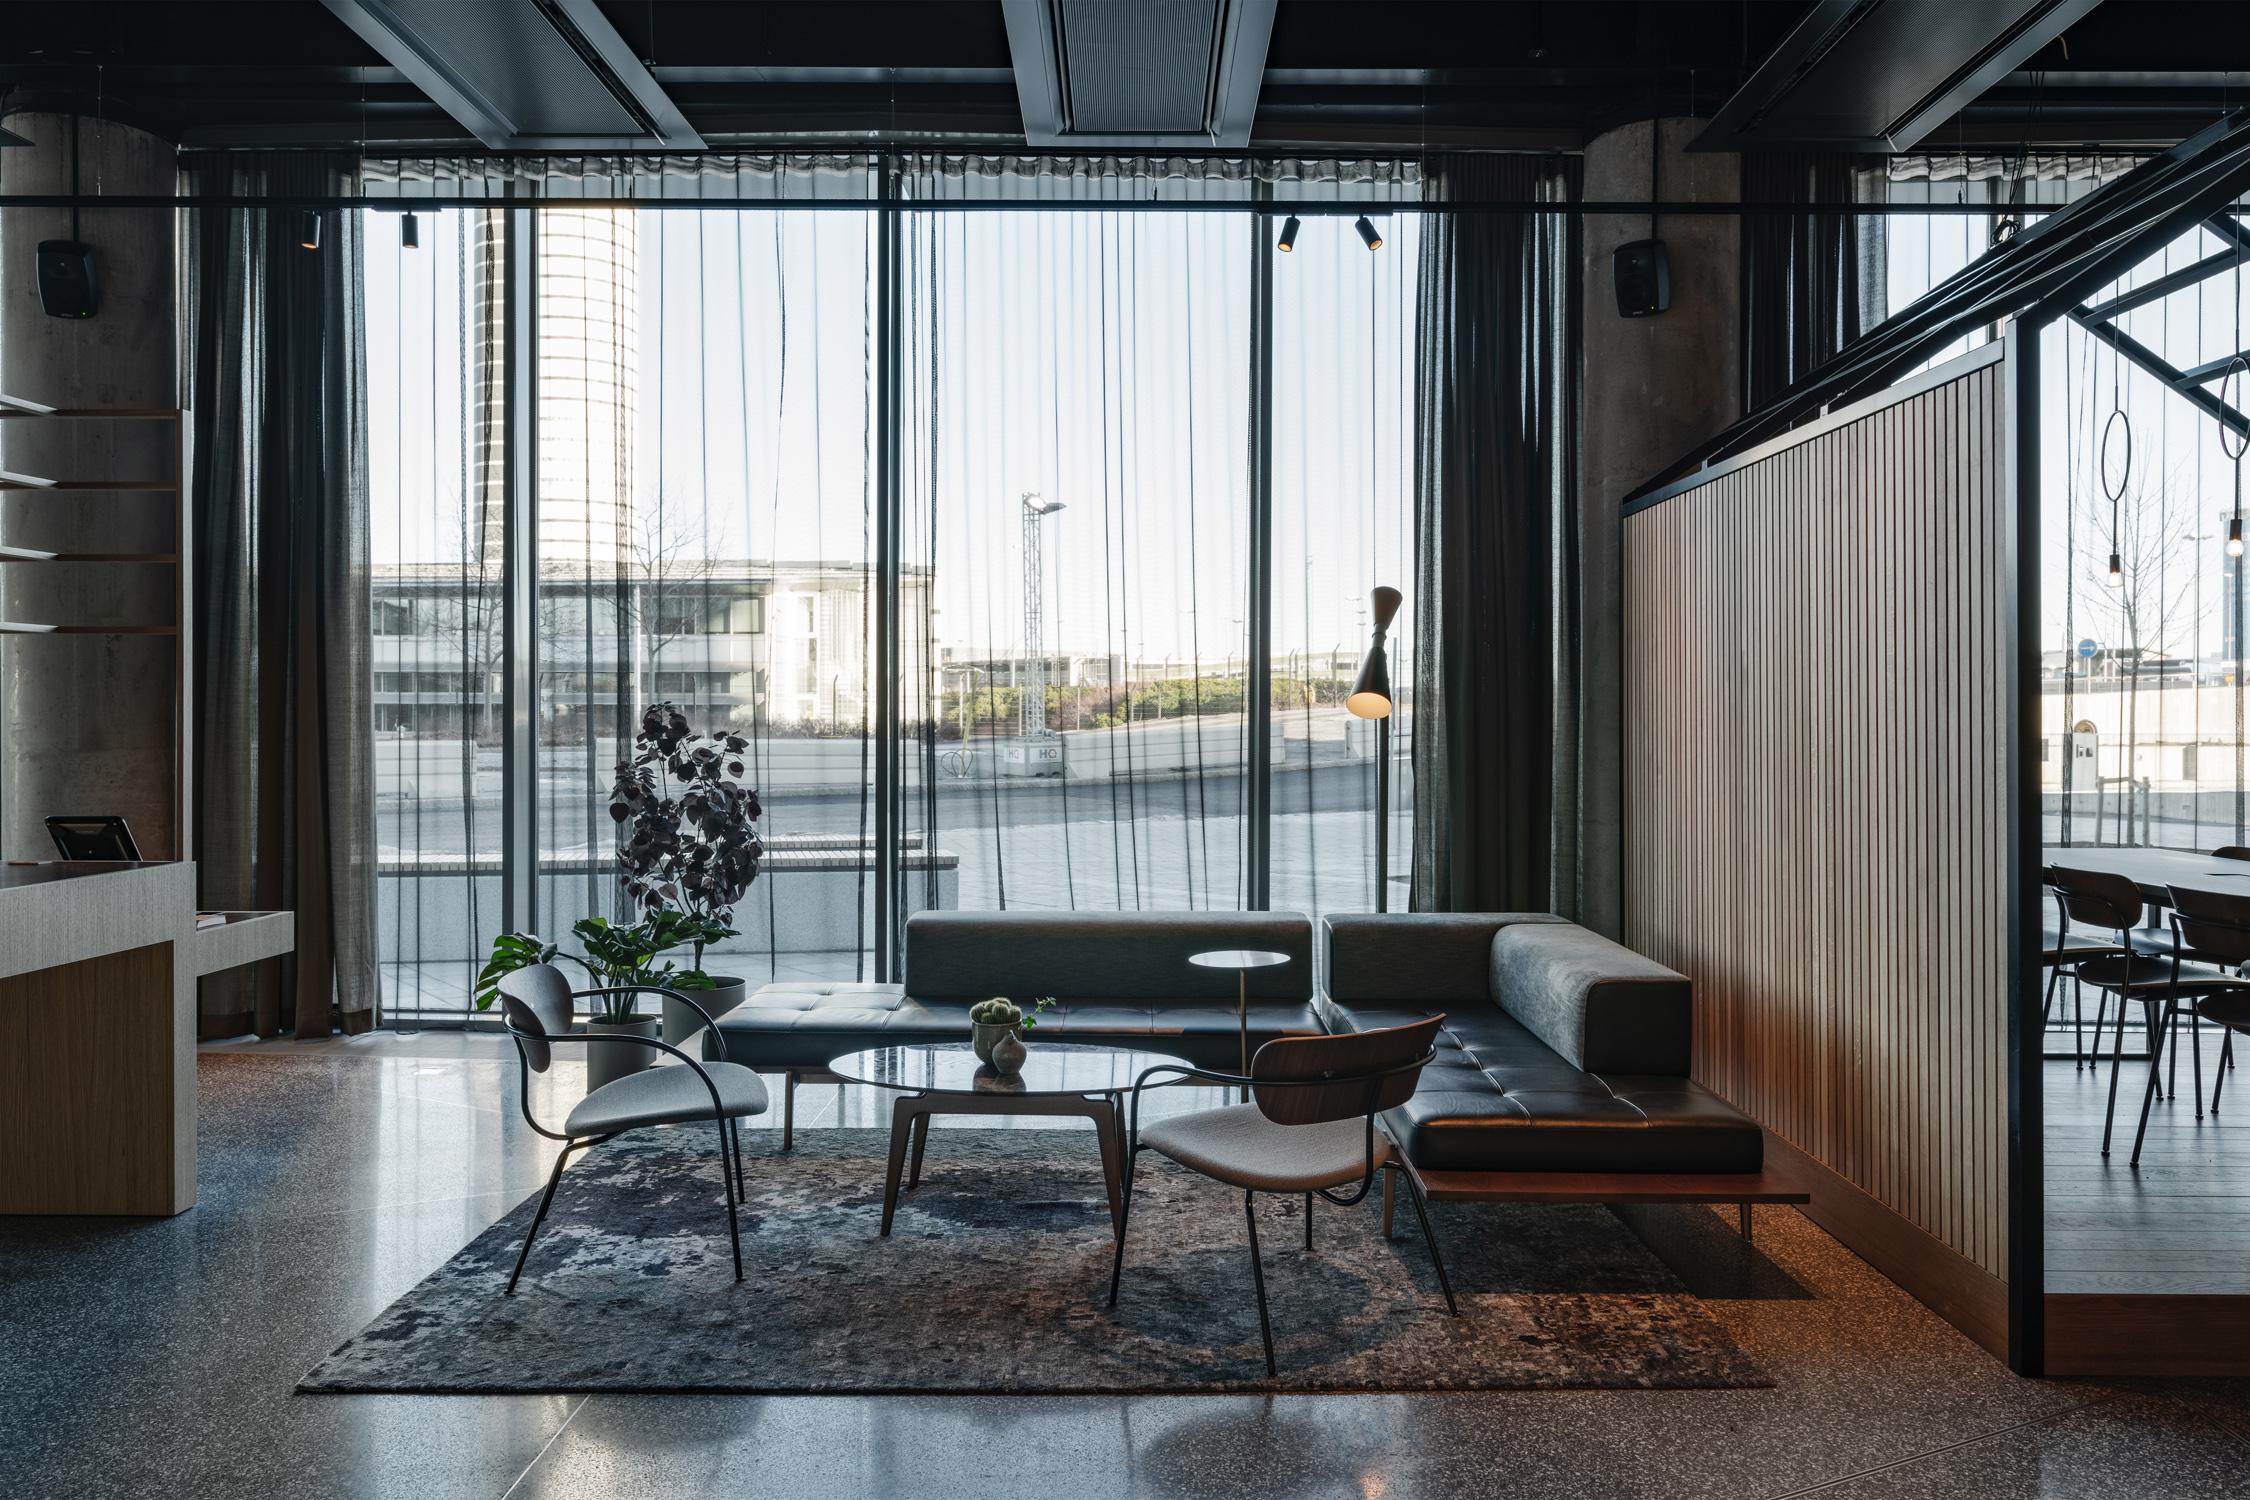 010_comfort_hotel_arlanda_lobby